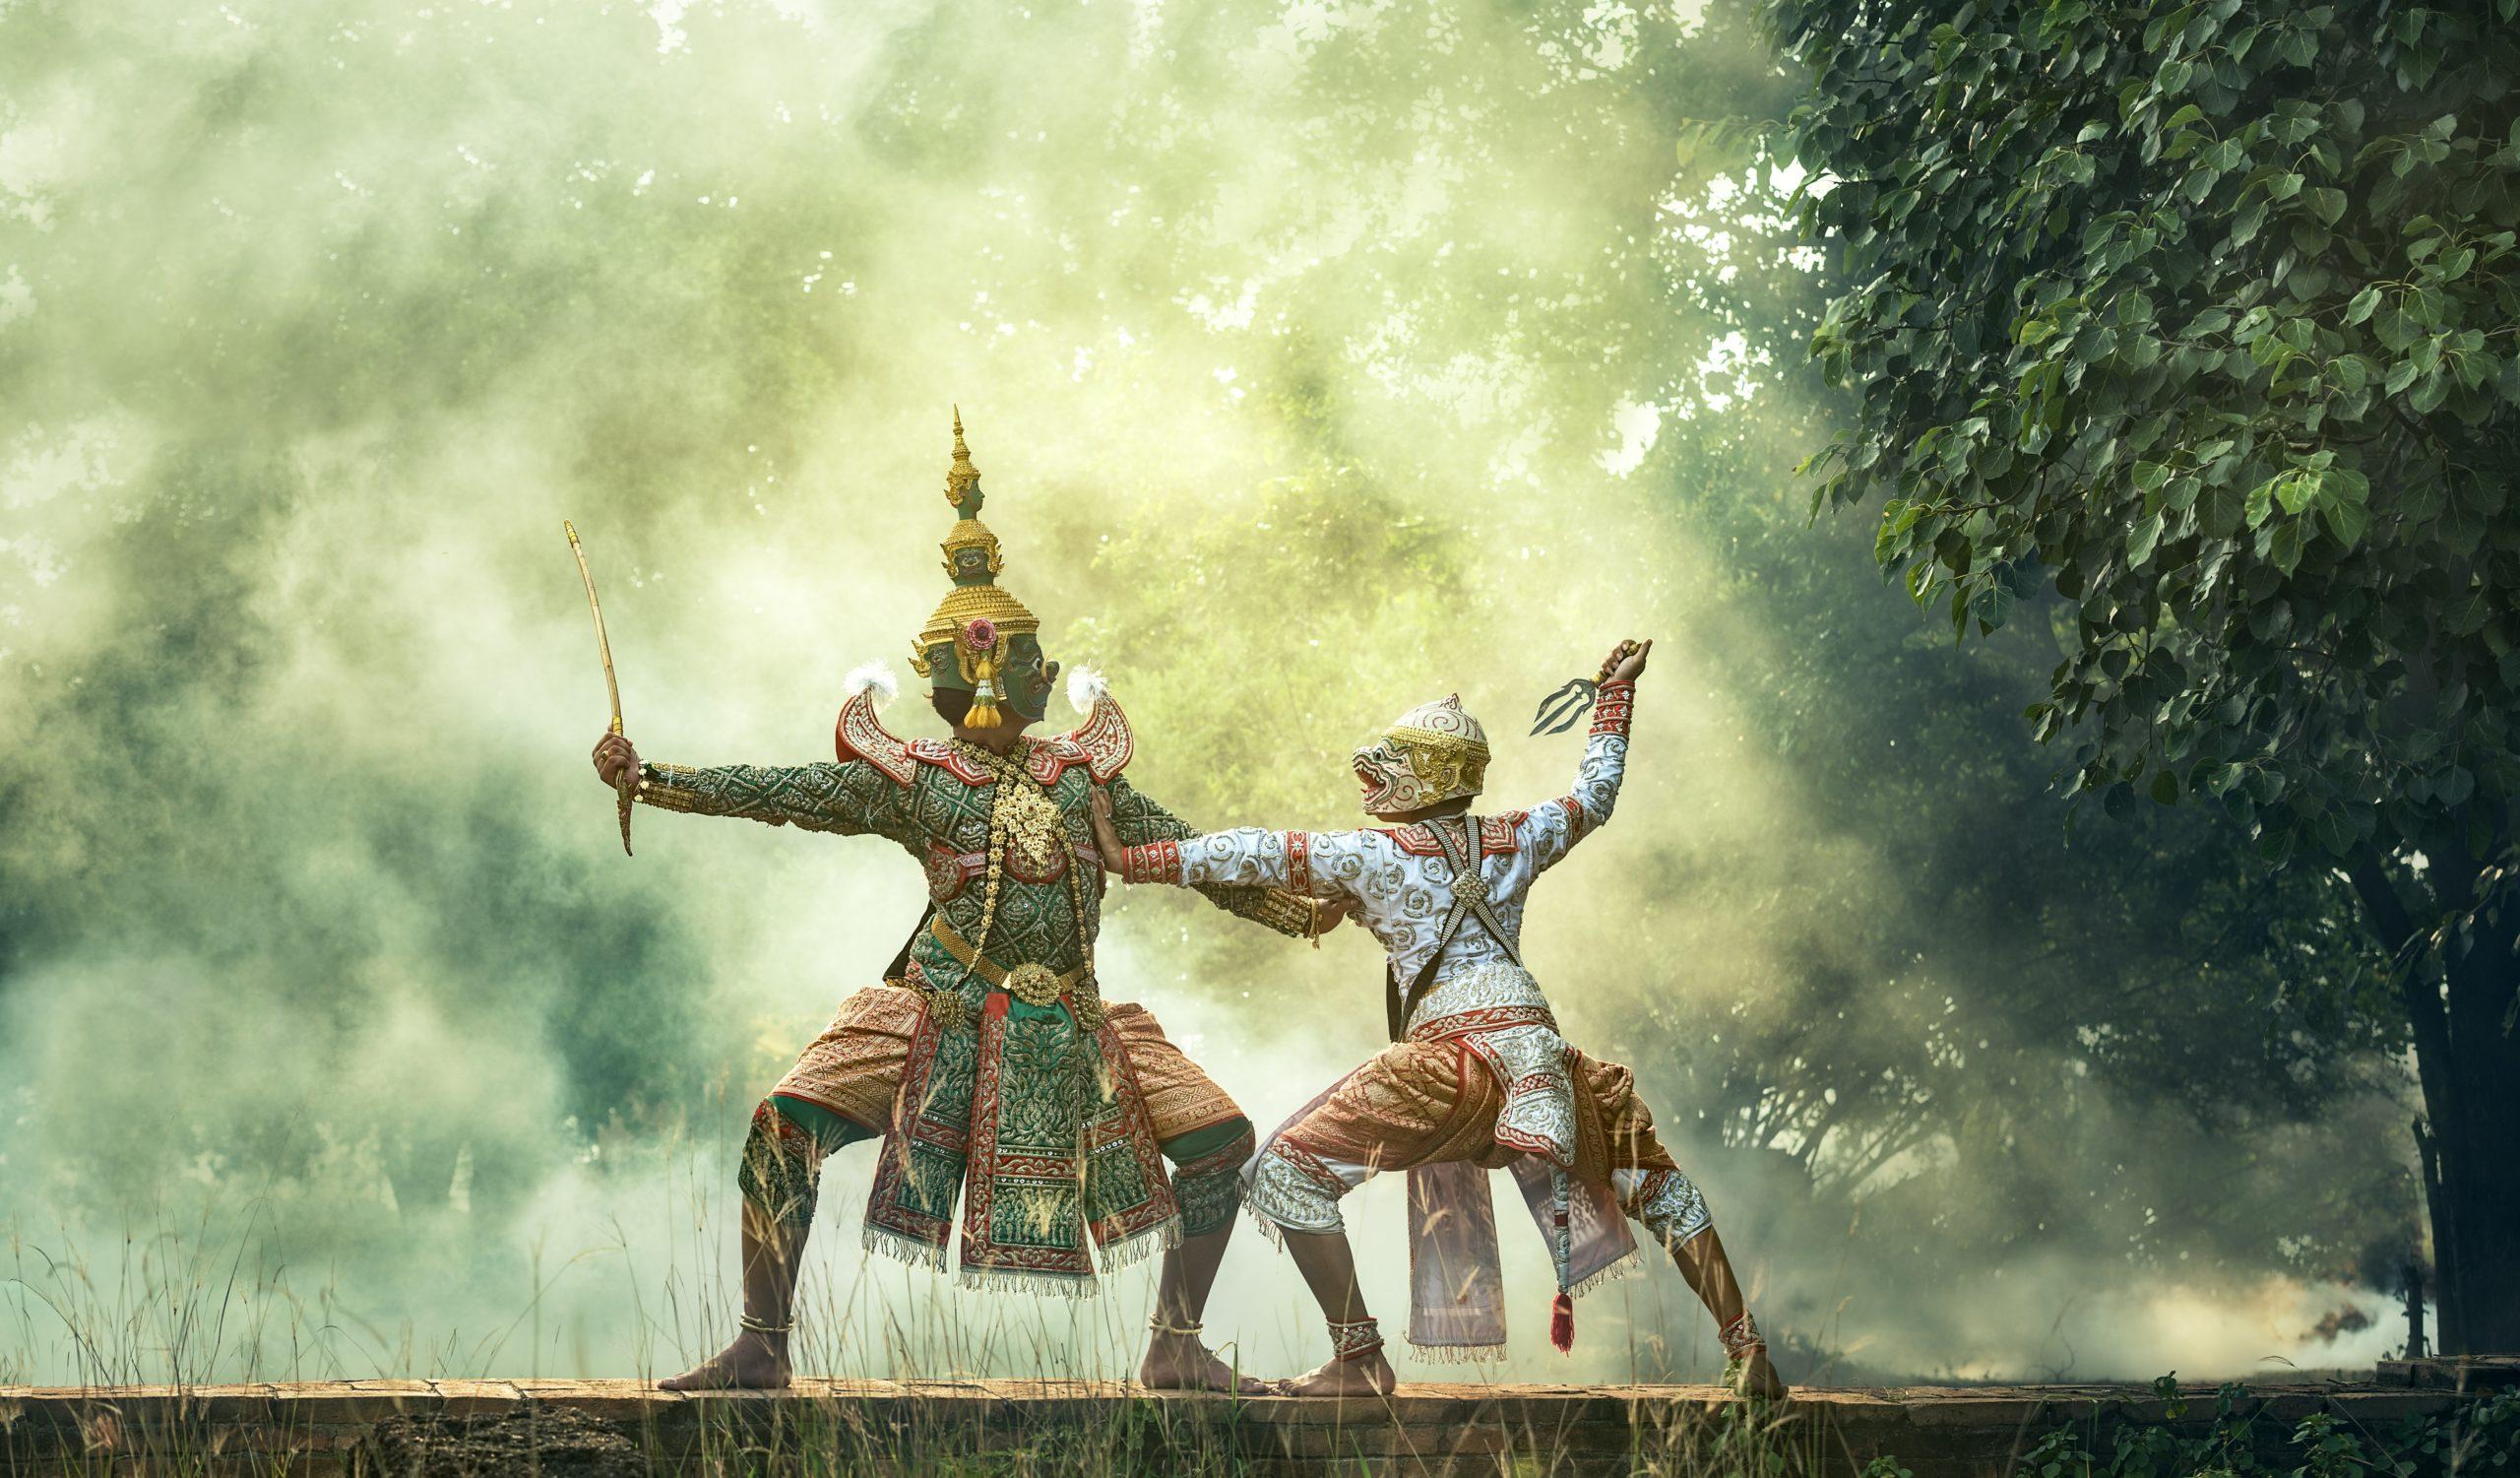 El espectáculo de marionetas de Bangkok